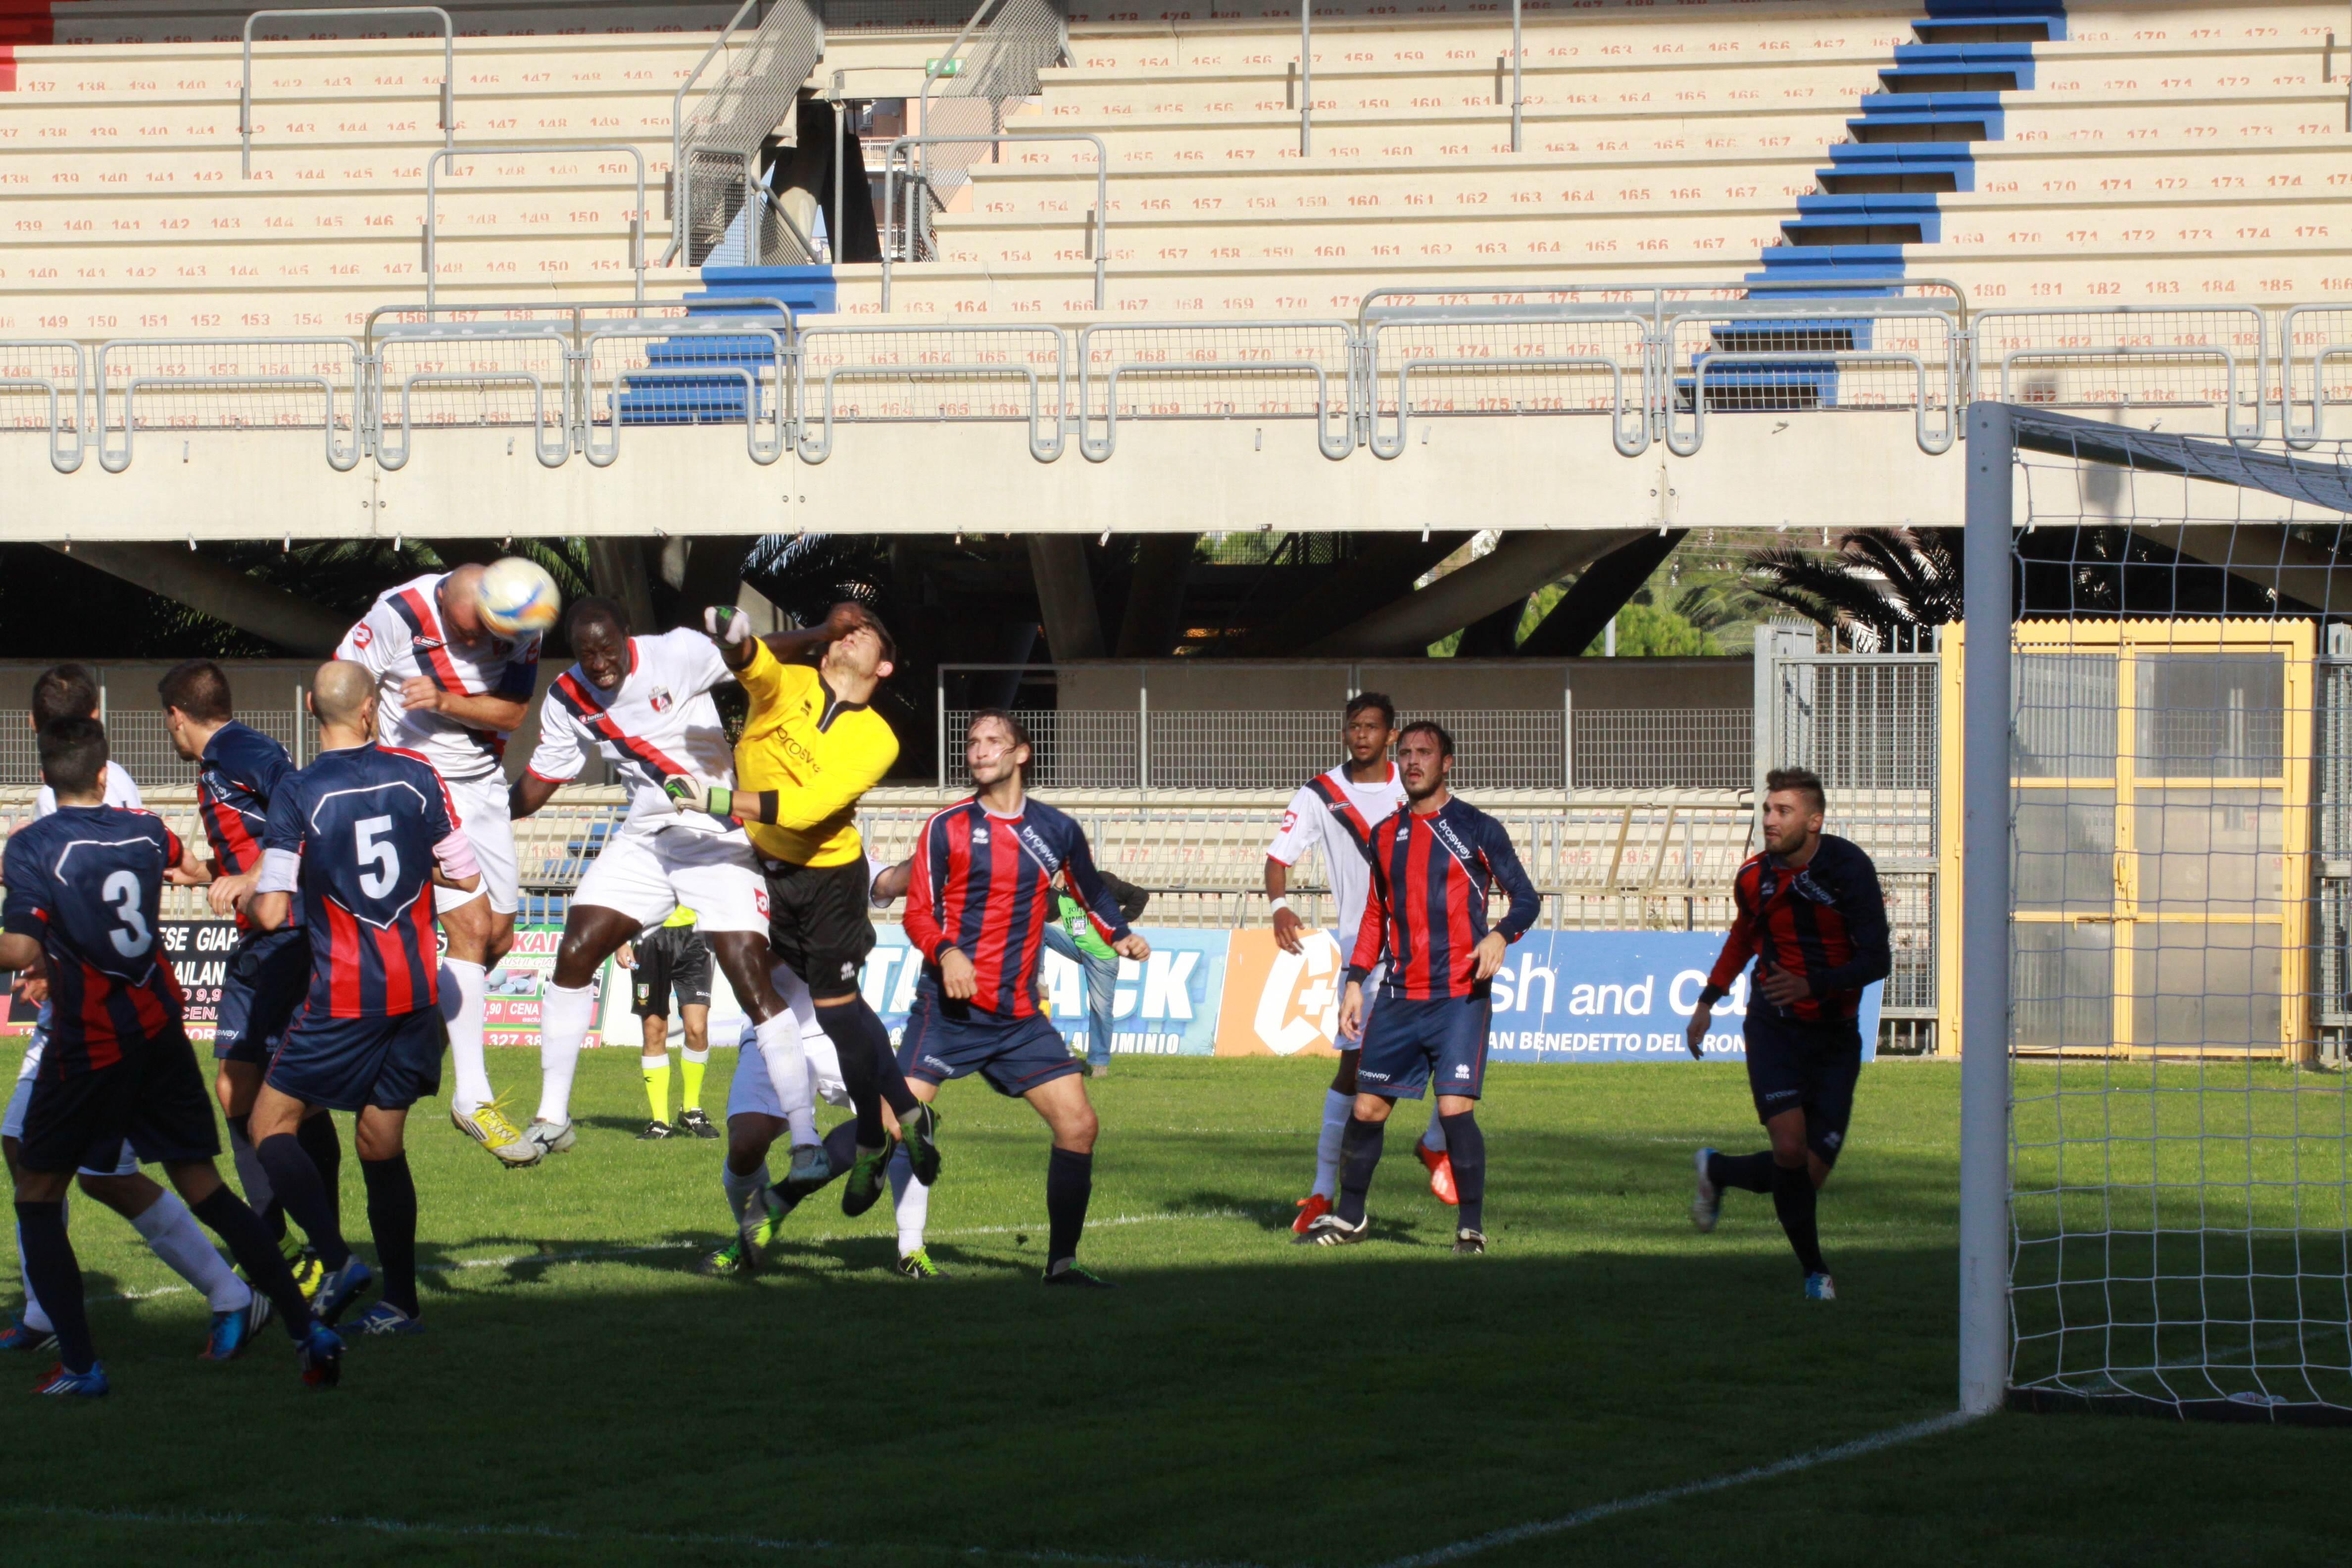 Il primo gol di Tozzi Borsoi